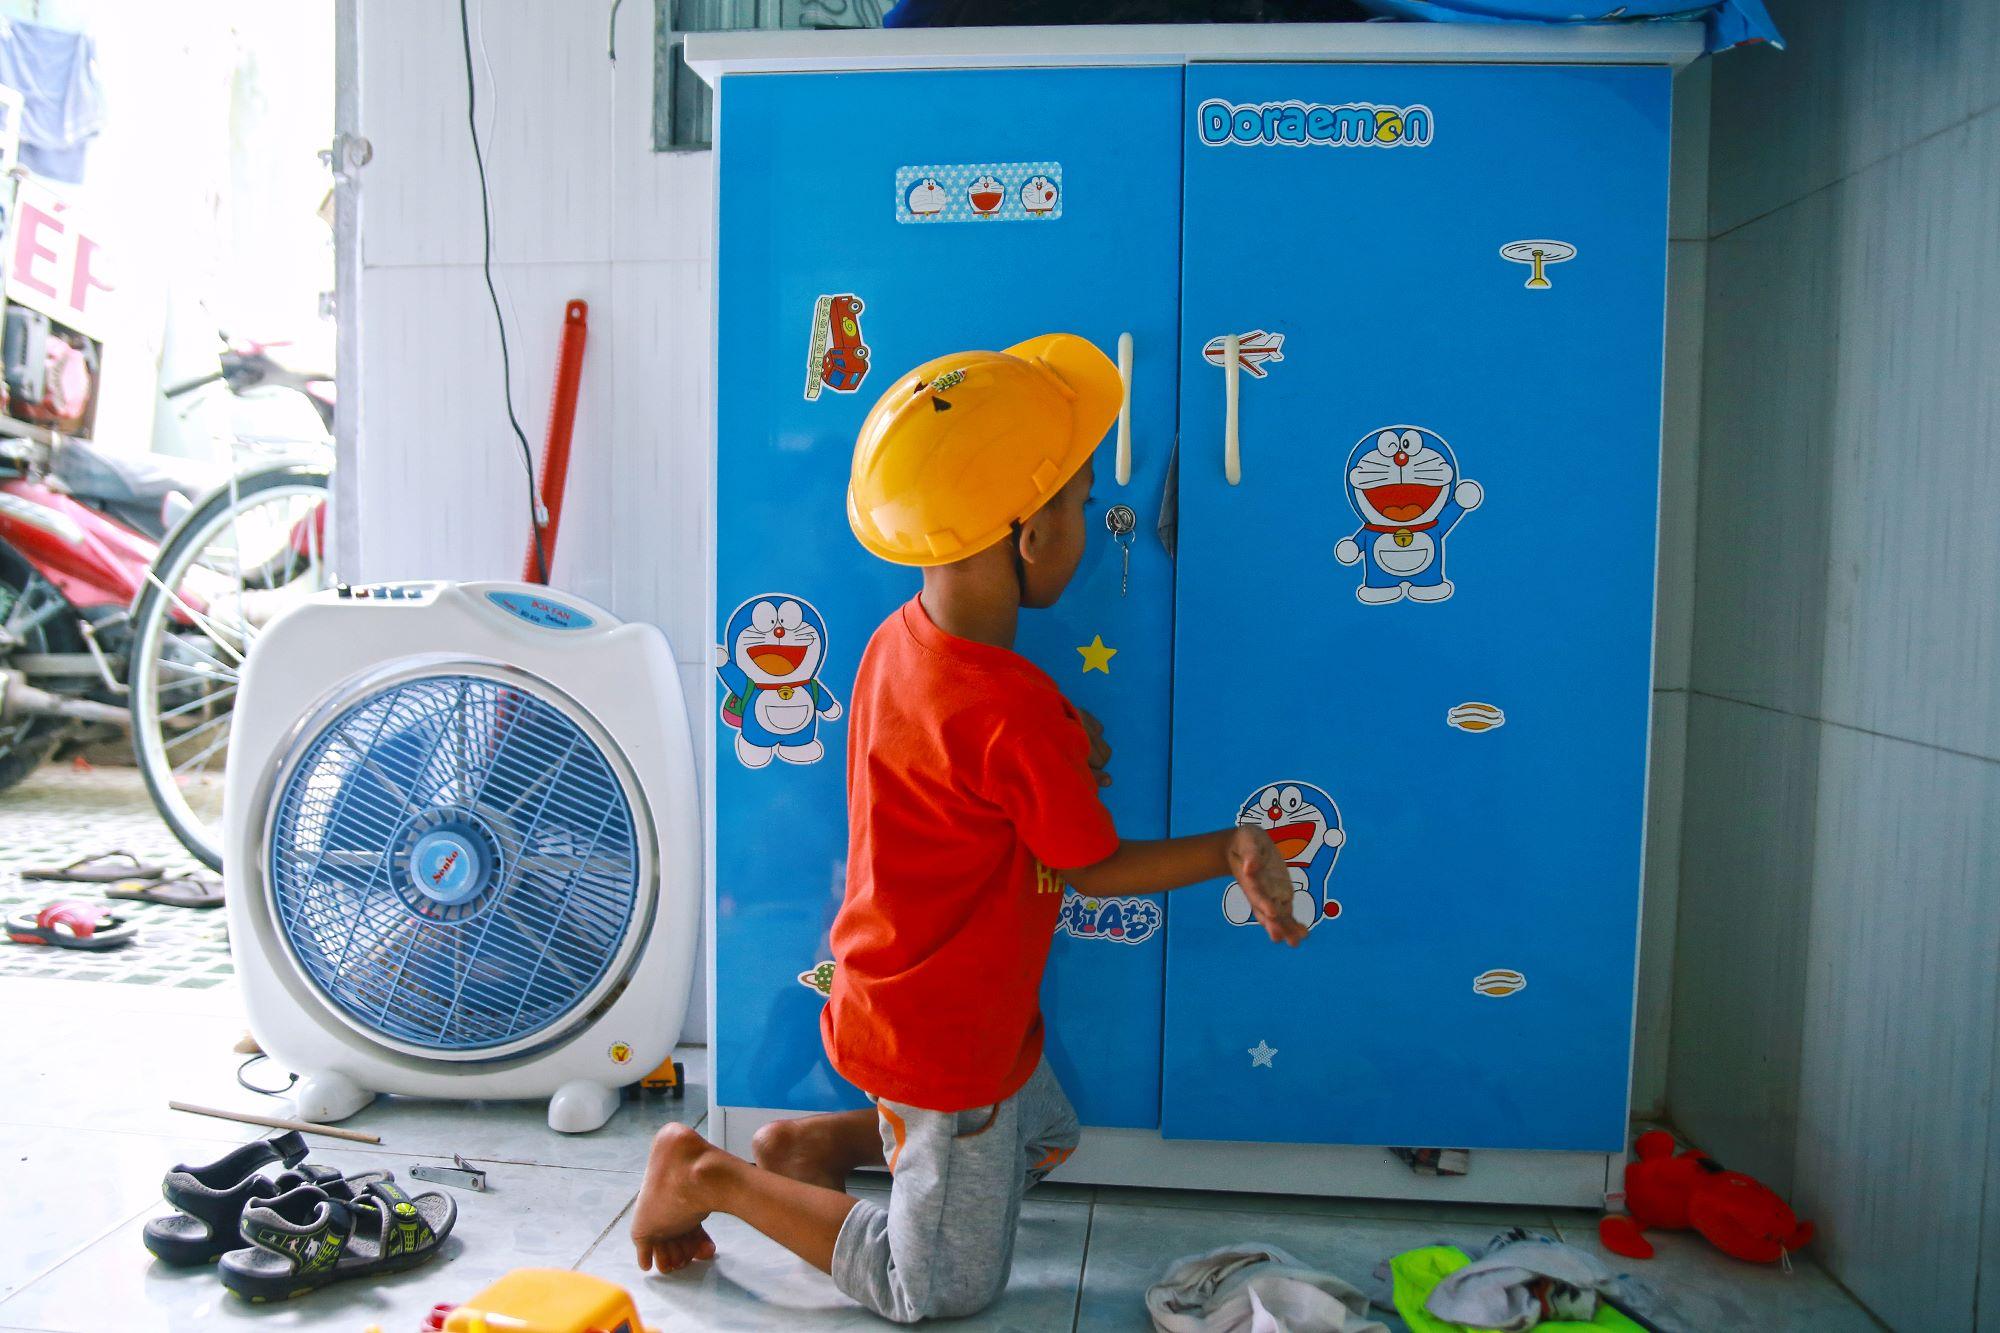 Chuyện về chiếc tủ màu xanh chứa đầy kho báu của cậu nhóc ve chai Thành Đạt - Ảnh 2.